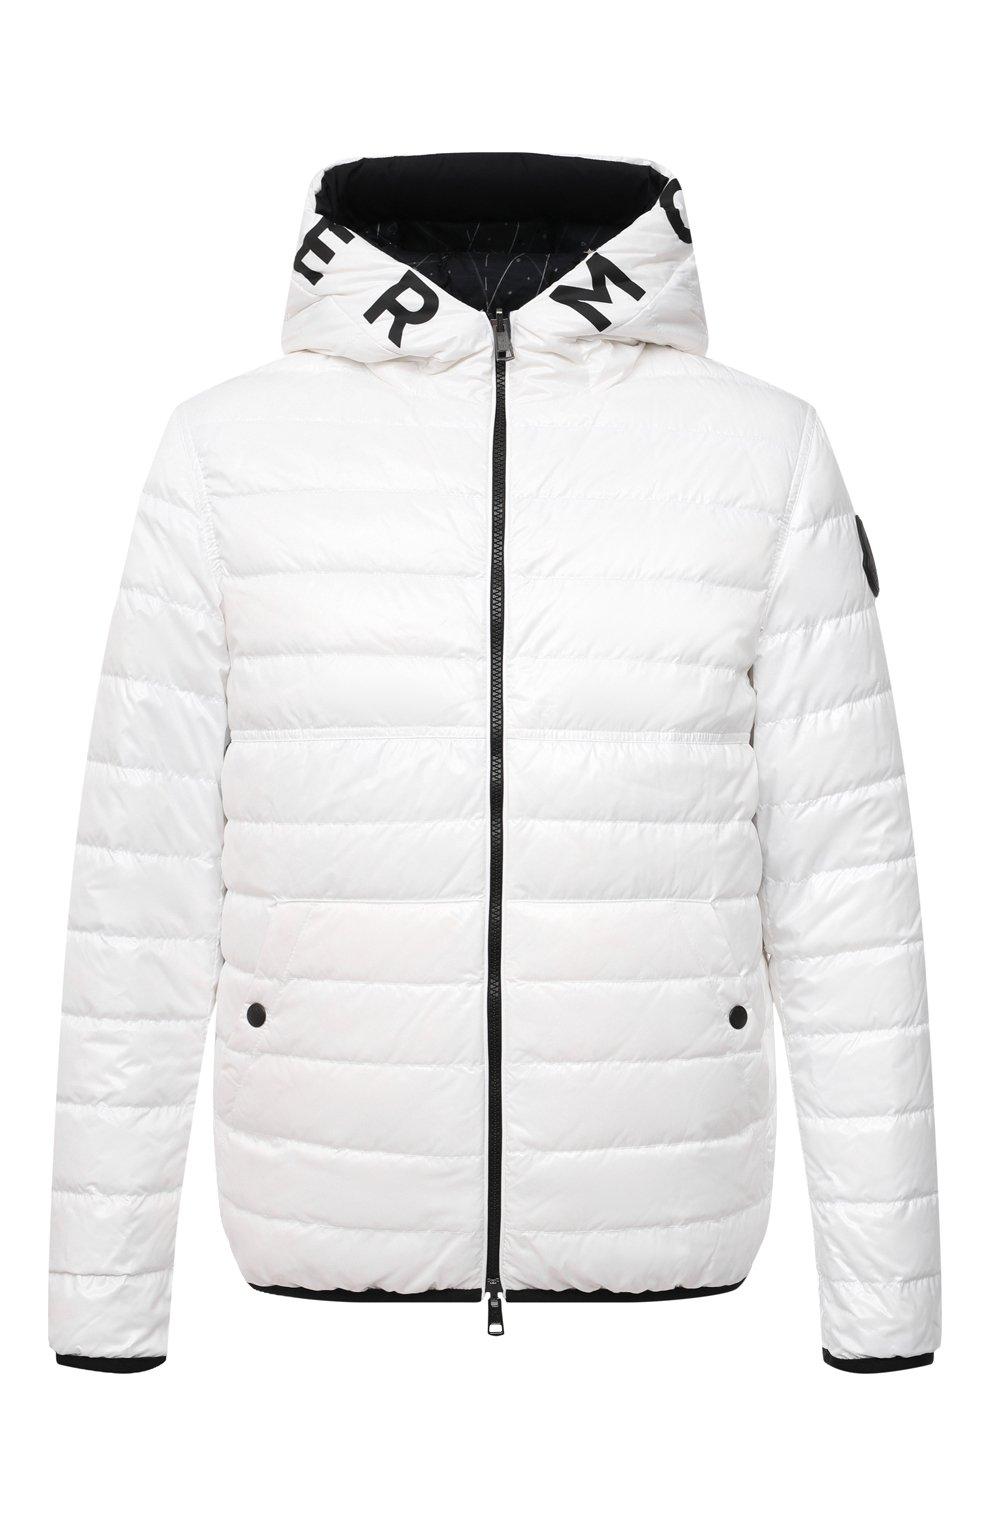 Мужская двусторонняя пуховая куртка krim MONCLER белого цвета, арт. G1-091-1A52N-70-68950   Фото 1 (Кросс-КТ: Куртка; Мужское Кросс-КТ: пуховик-короткий; Рукава: Длинные; Материал внешний: Синтетический материал; Принт: С принтом; Материал подклада: Синтетический материал; Длина (верхняя одежда): Короткие; Материал утеплителя: Пух и перо; Стили: Кэжуэл)